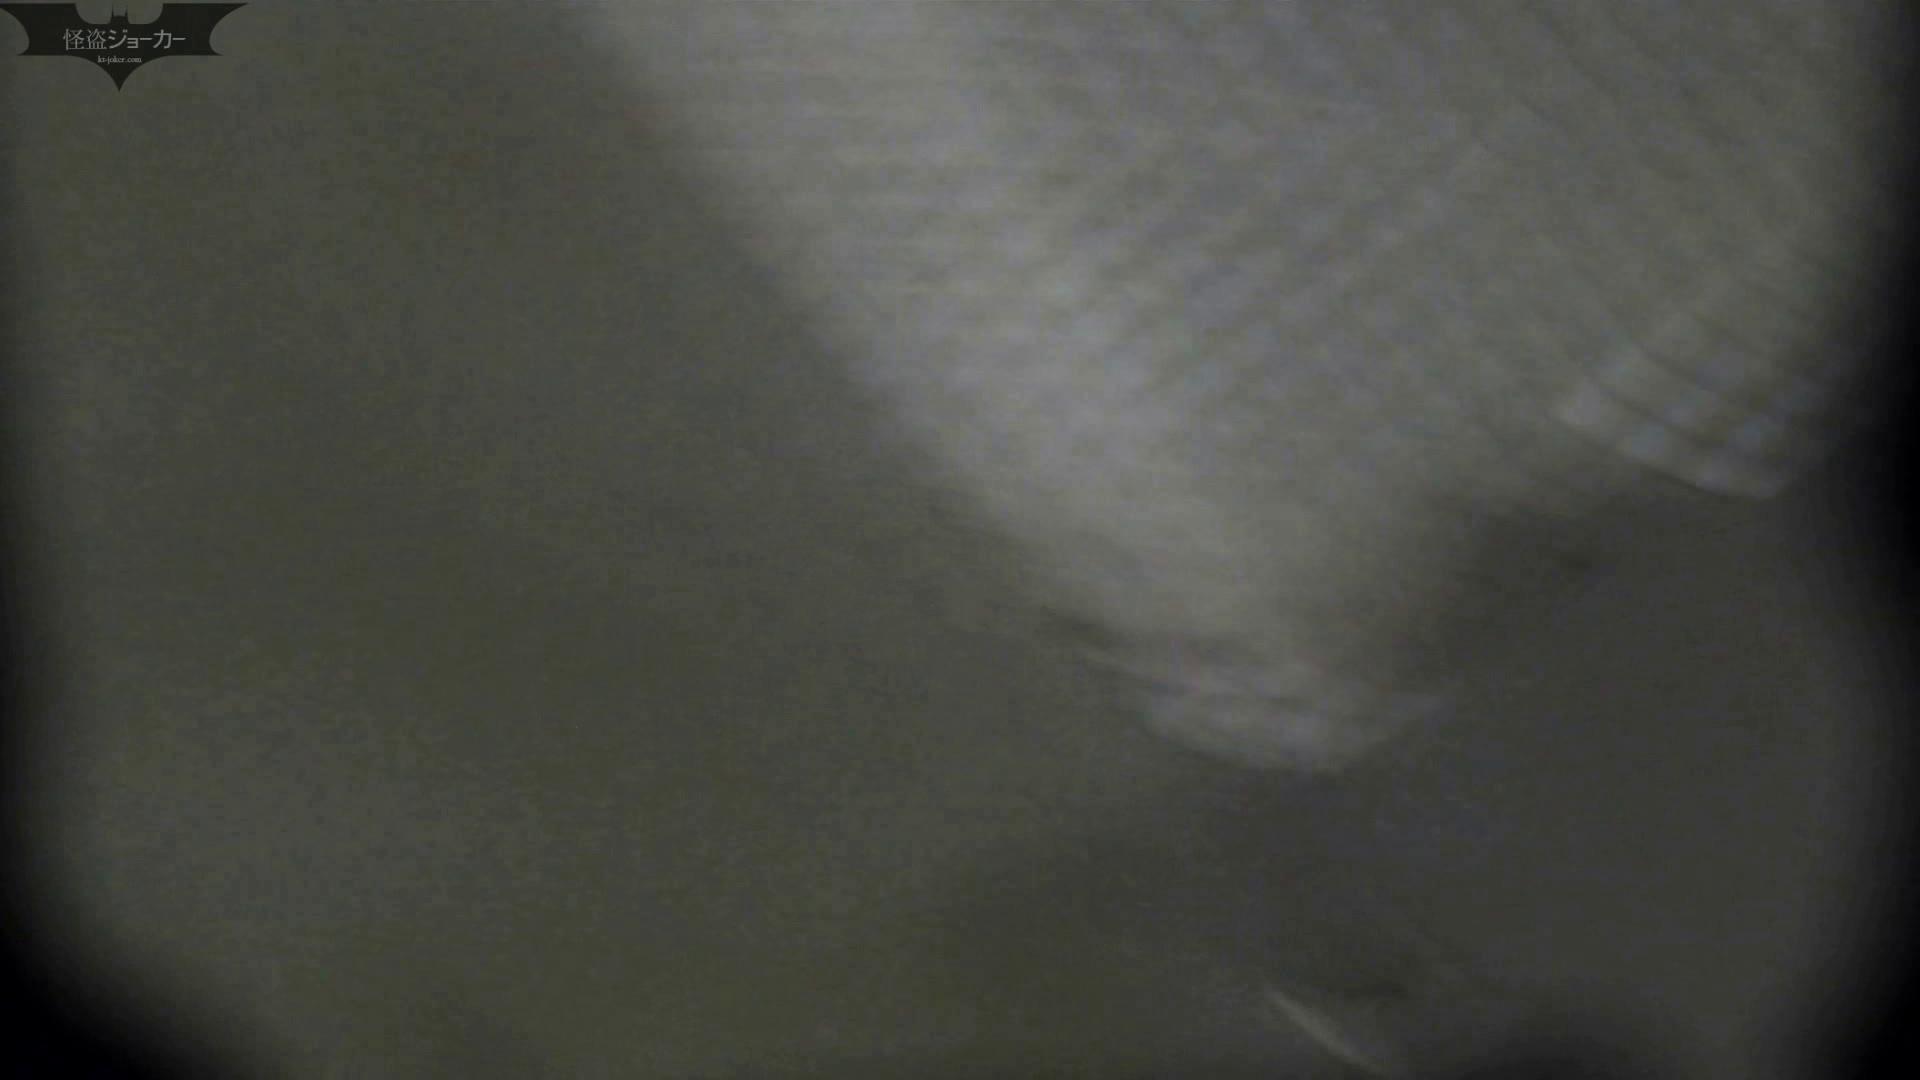 【美しき個室な世界】洗面所特攻隊 vol.046 更に進化【2015・07位】 盛合せ オマンコ動画キャプチャ 96枚 33